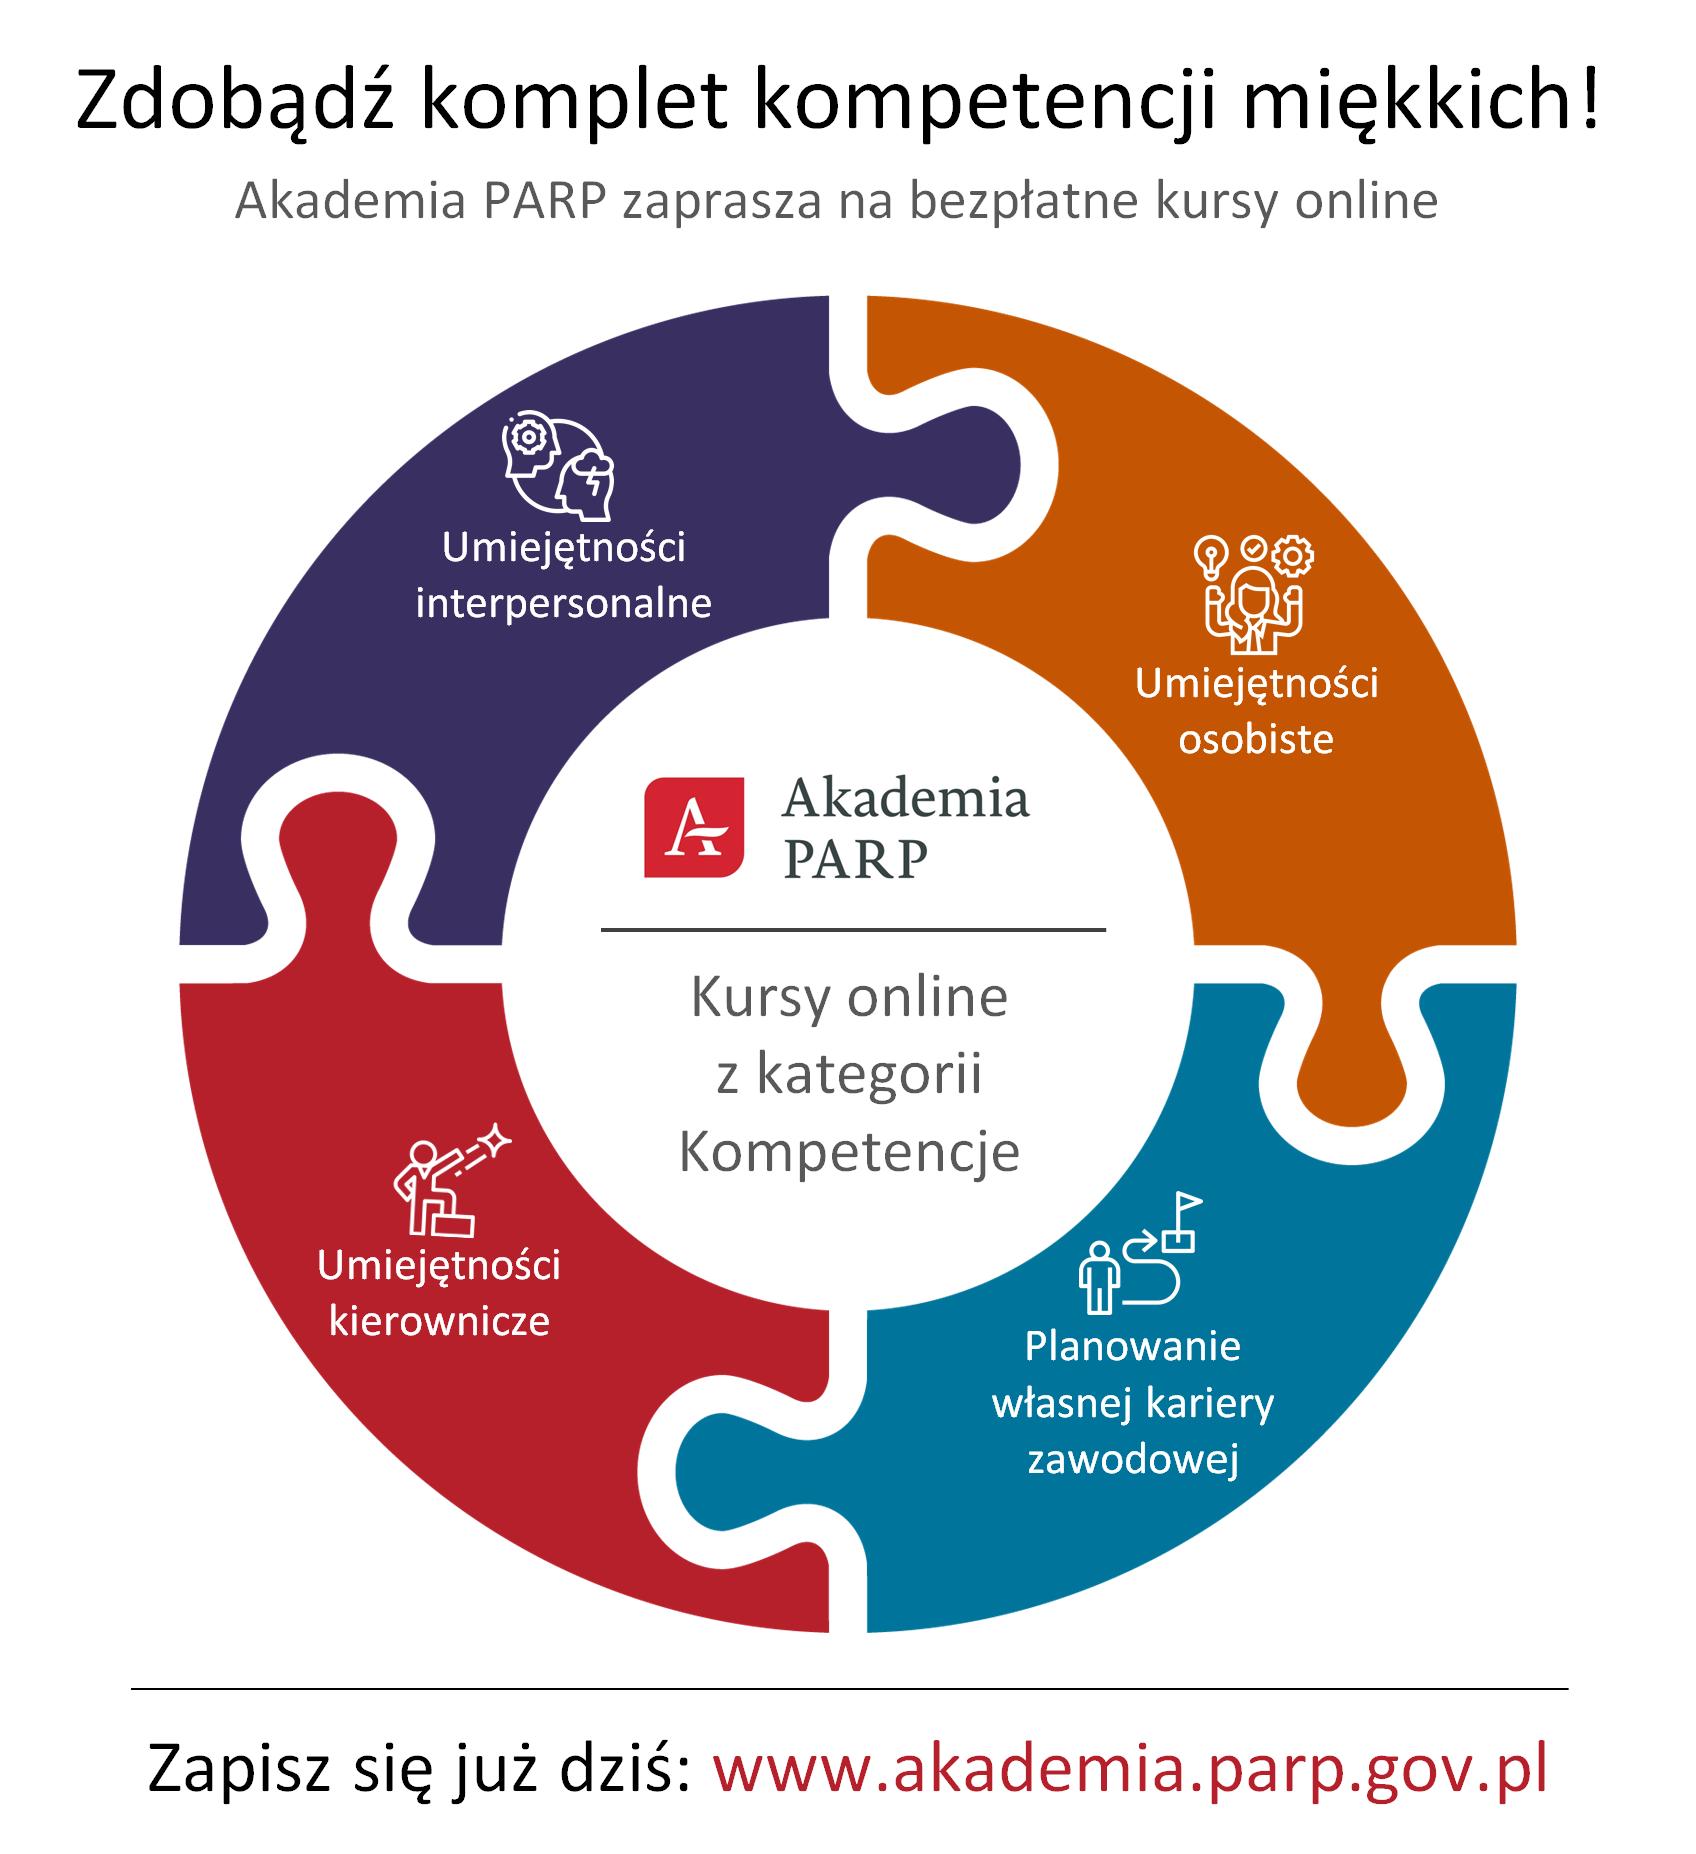 Zdobądź komplet kompetencji miękkich! Akademia PARP zaprasza na bezpłatne kursy online: umiejętności interpersonalne, umiejętności osobiste, umiejętności kierownicze, planowanie własnej kariery zawodowej. Zapisz się już dziś: www.akademia.parp.gov.pl